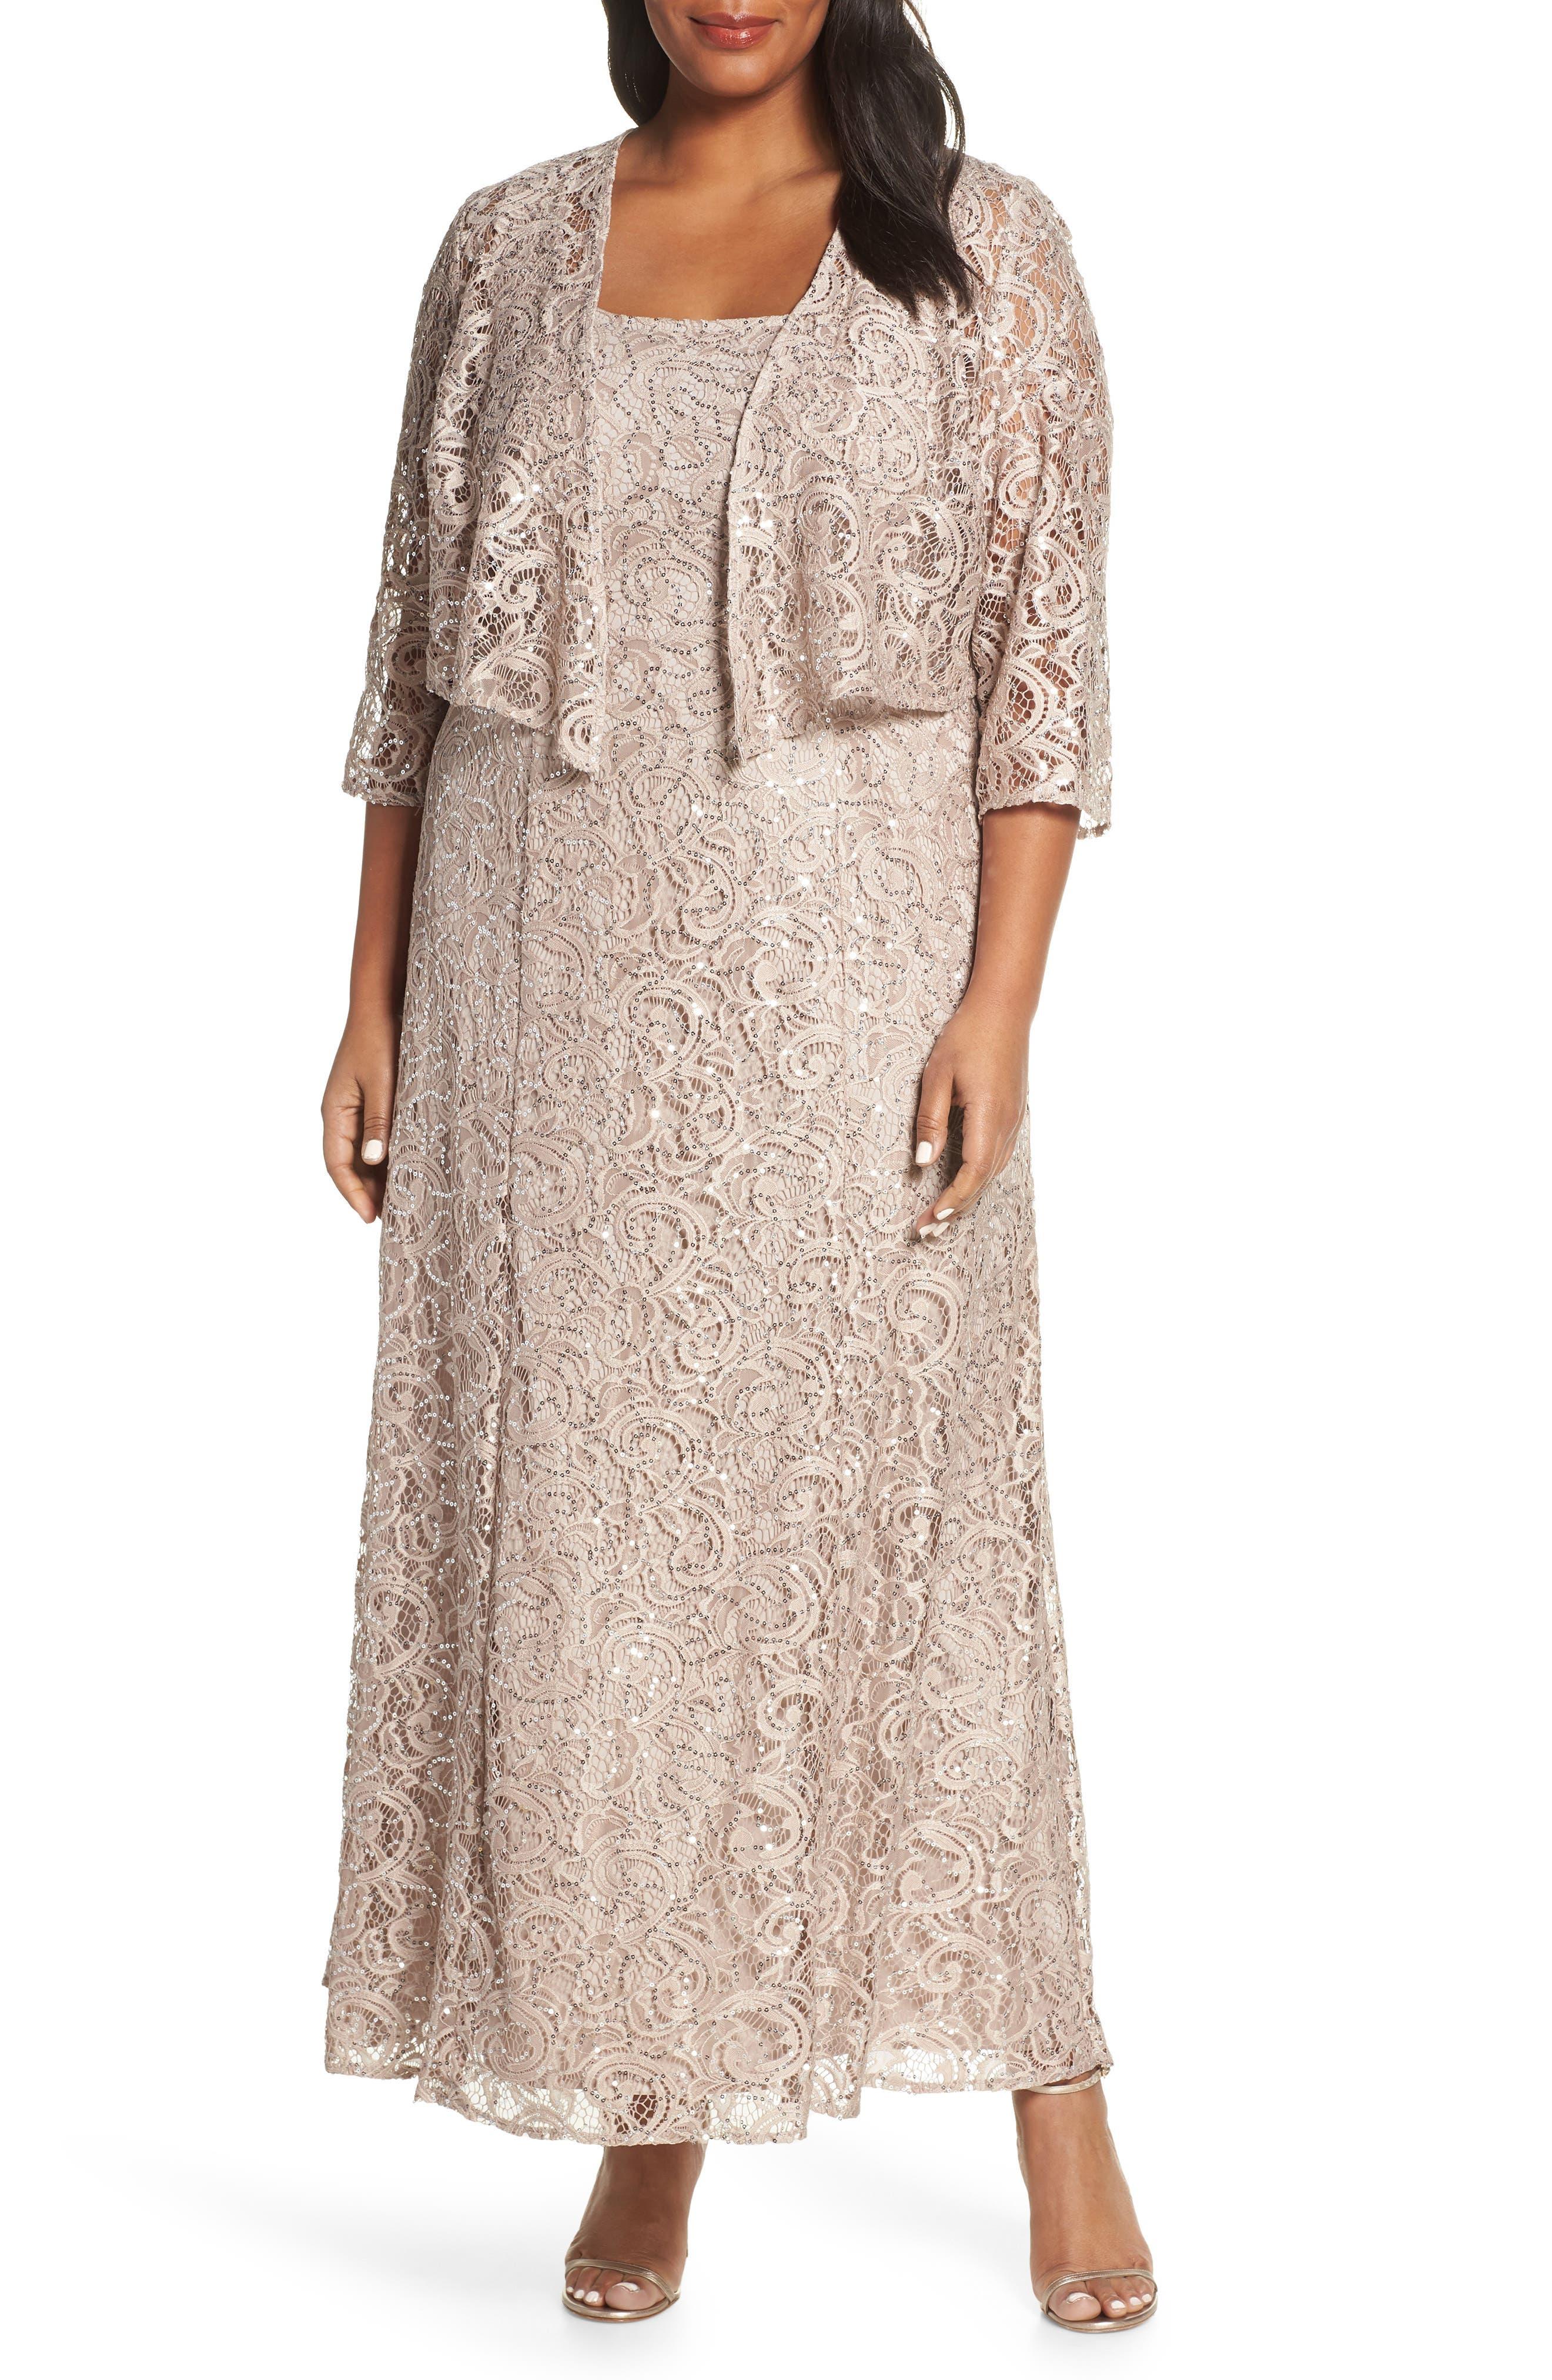 ALEX EVENINGS, Lace & Sequin Jacket Dress, Main thumbnail 1, color, BUFF